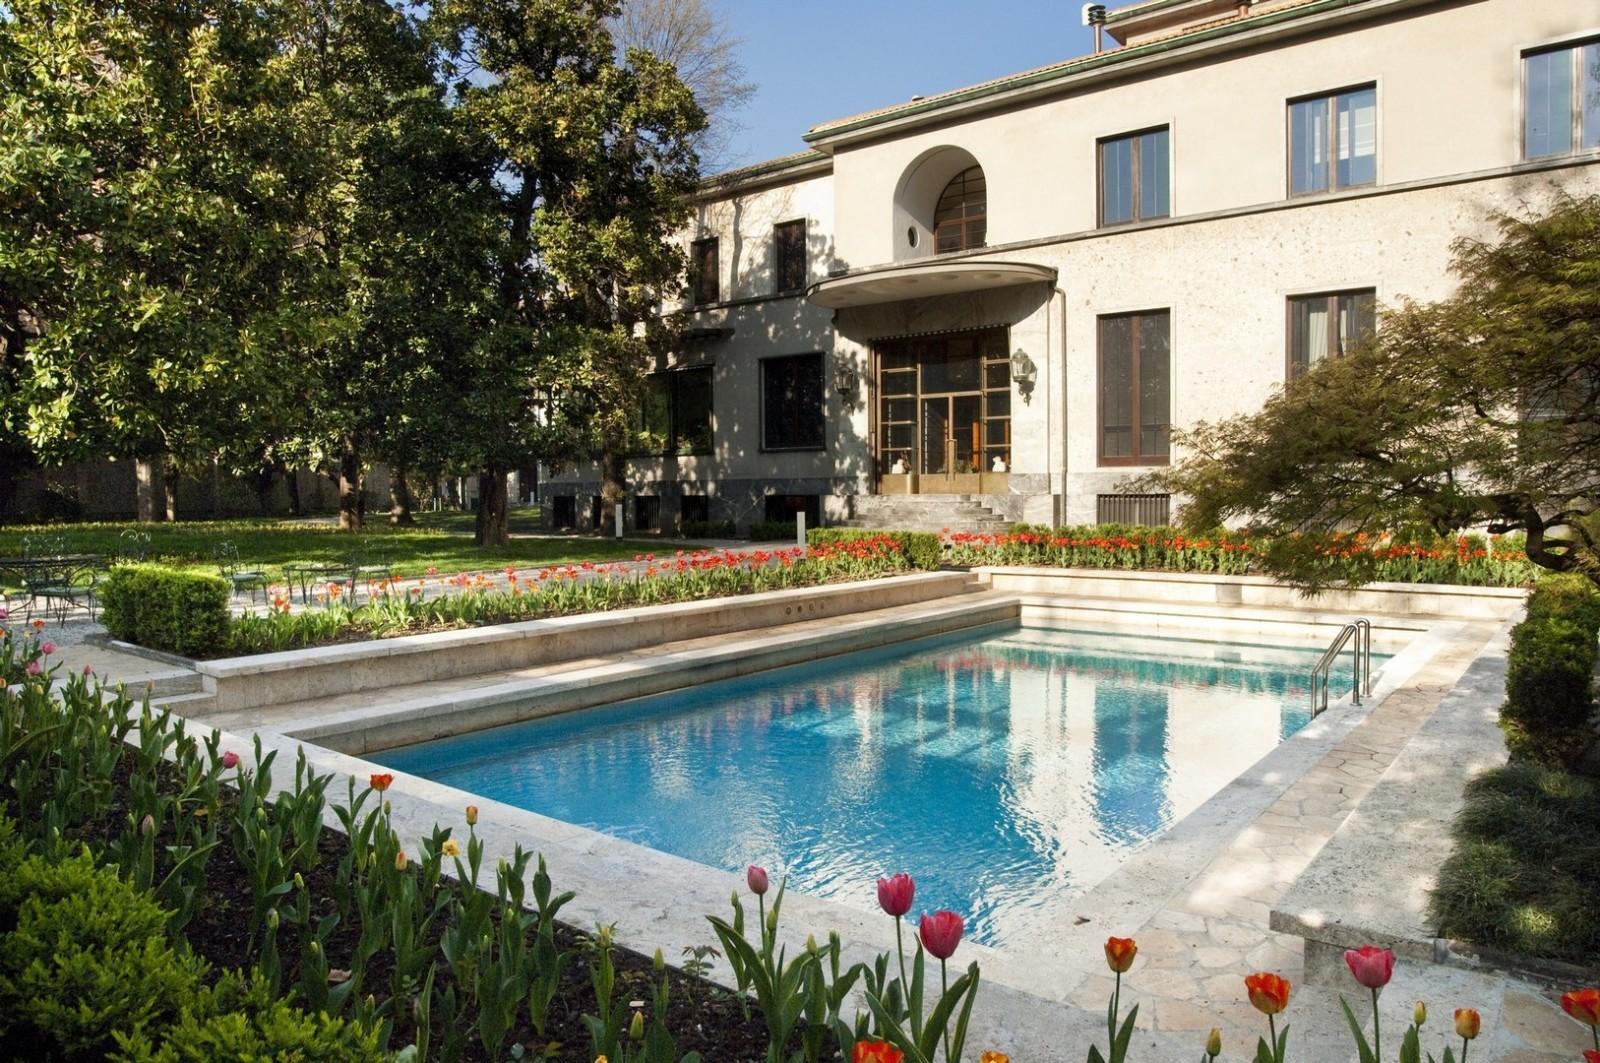 Villa Necchi Campiglio, Foto di Giorgio Majno, 2009 (C) FAI - Fondo Ambiente Italiano